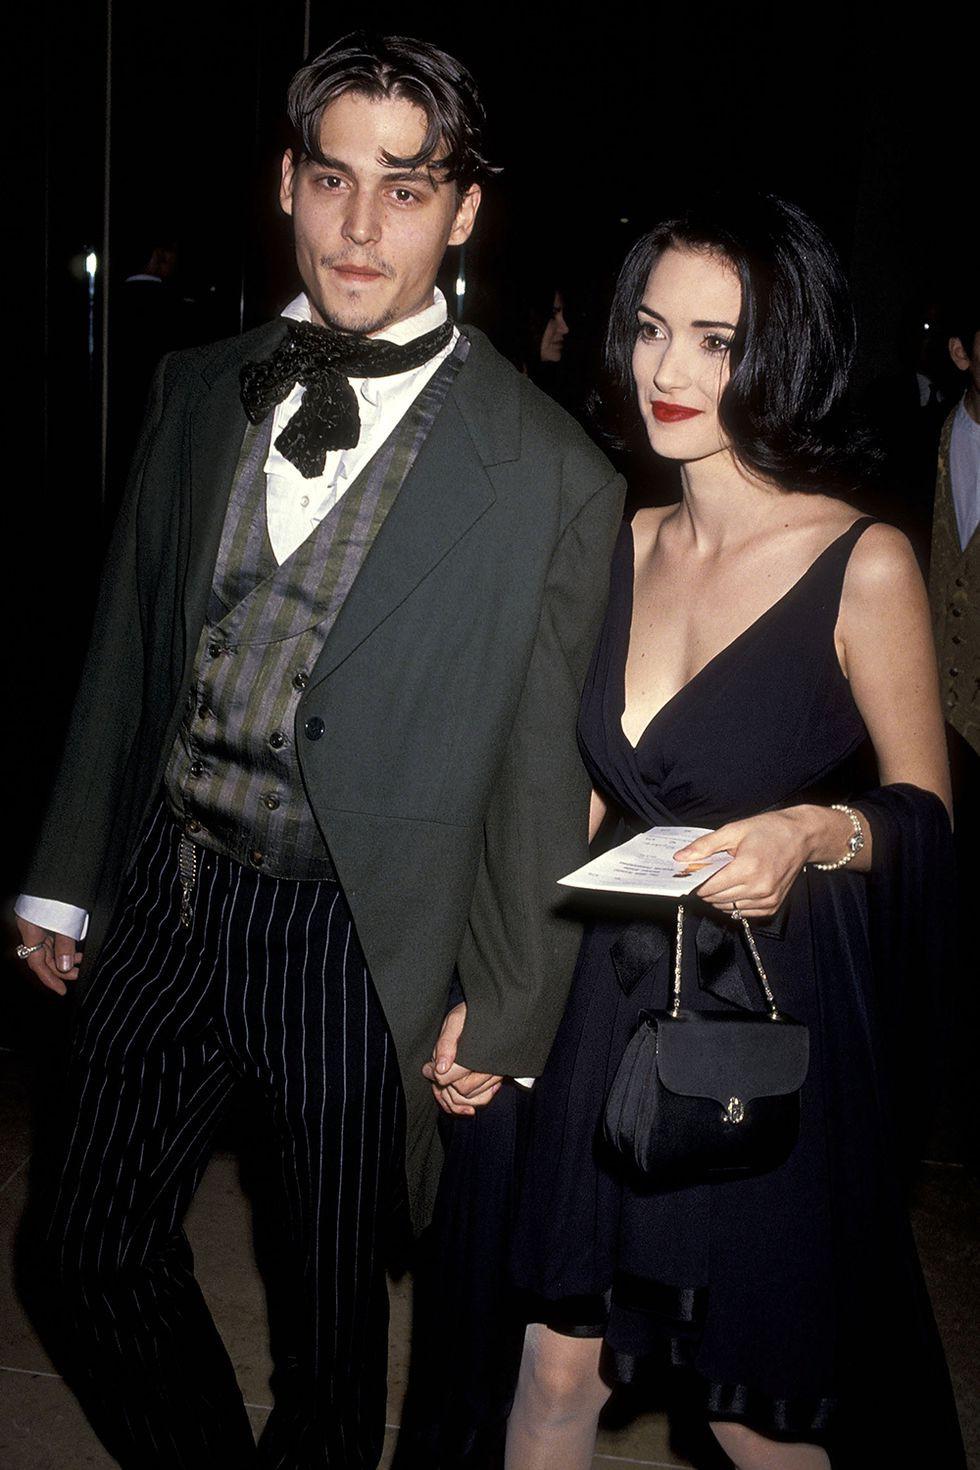 Vào thập kỷ 90, bộ đôi Winona Ryder và Johnny Depp có tầm ảnh hưởng không nhỏ đến làng thời trang bởi họ chính là những người dẫn đầu và định nghĩa cho phong cách 'gothic' - phong cách thời trang mang màu sắc u tối, ma mị và bí ẩn. Đặc biệt nhất là Winona Ryder, cô nàng luôn gắn liền với mái tóc và những bộ cánh thảm đỏ phủ toàn một màu đen khiến giới mộ điệu cũng phải ấn tượng mạnh mẽ.